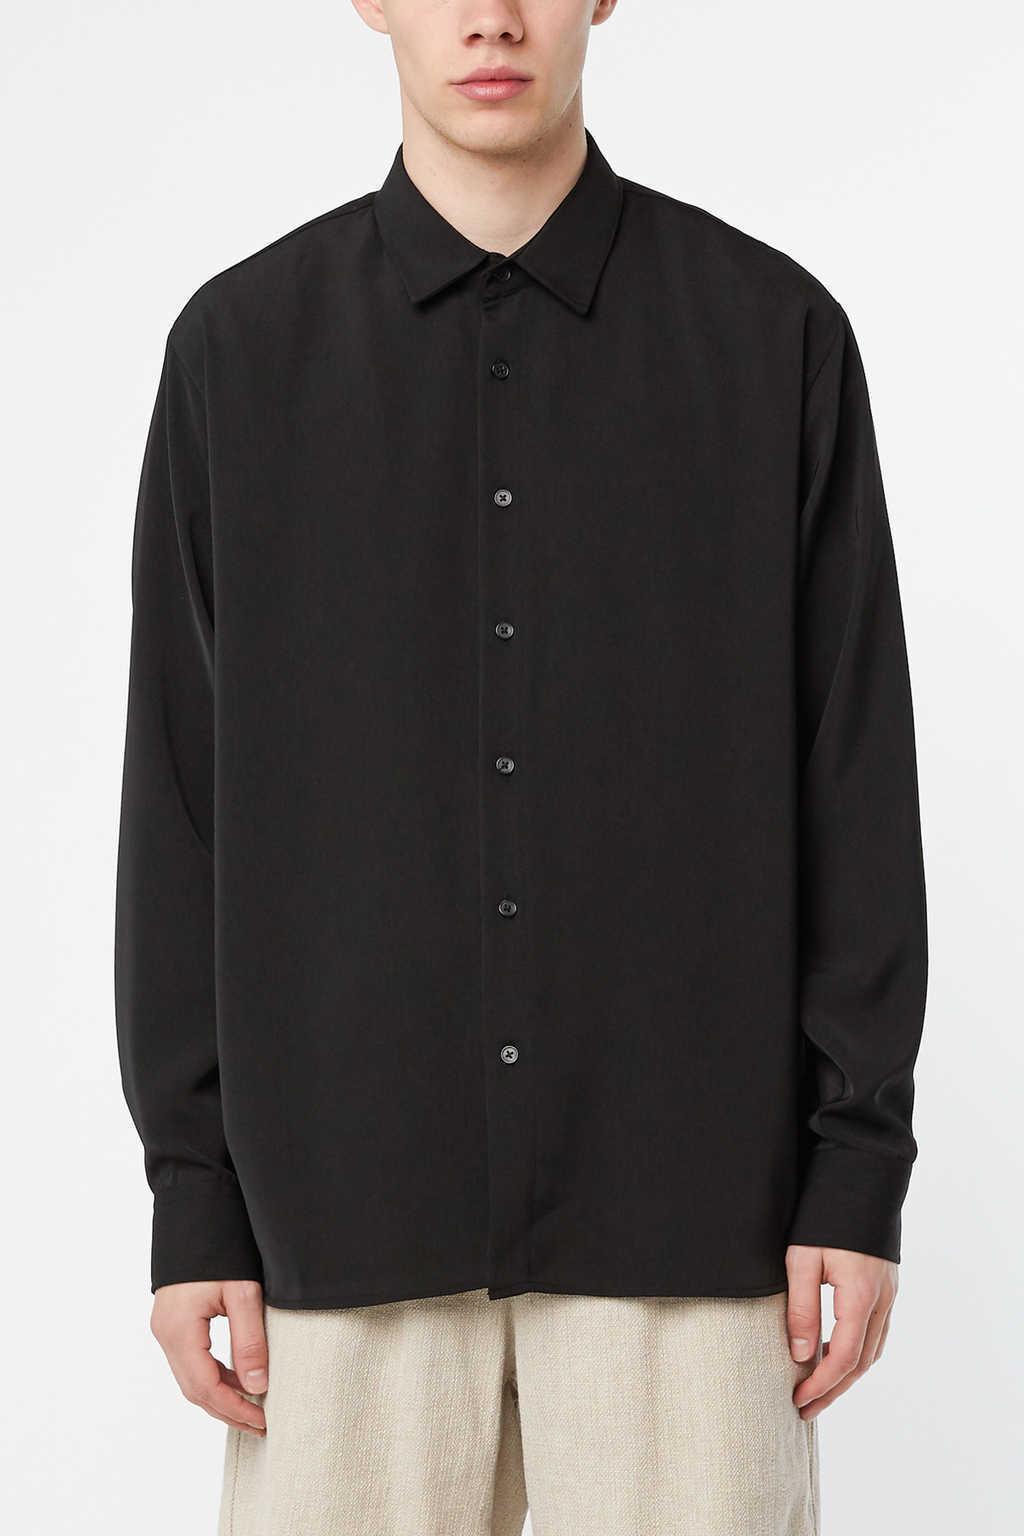 Shirt K002 Black 2